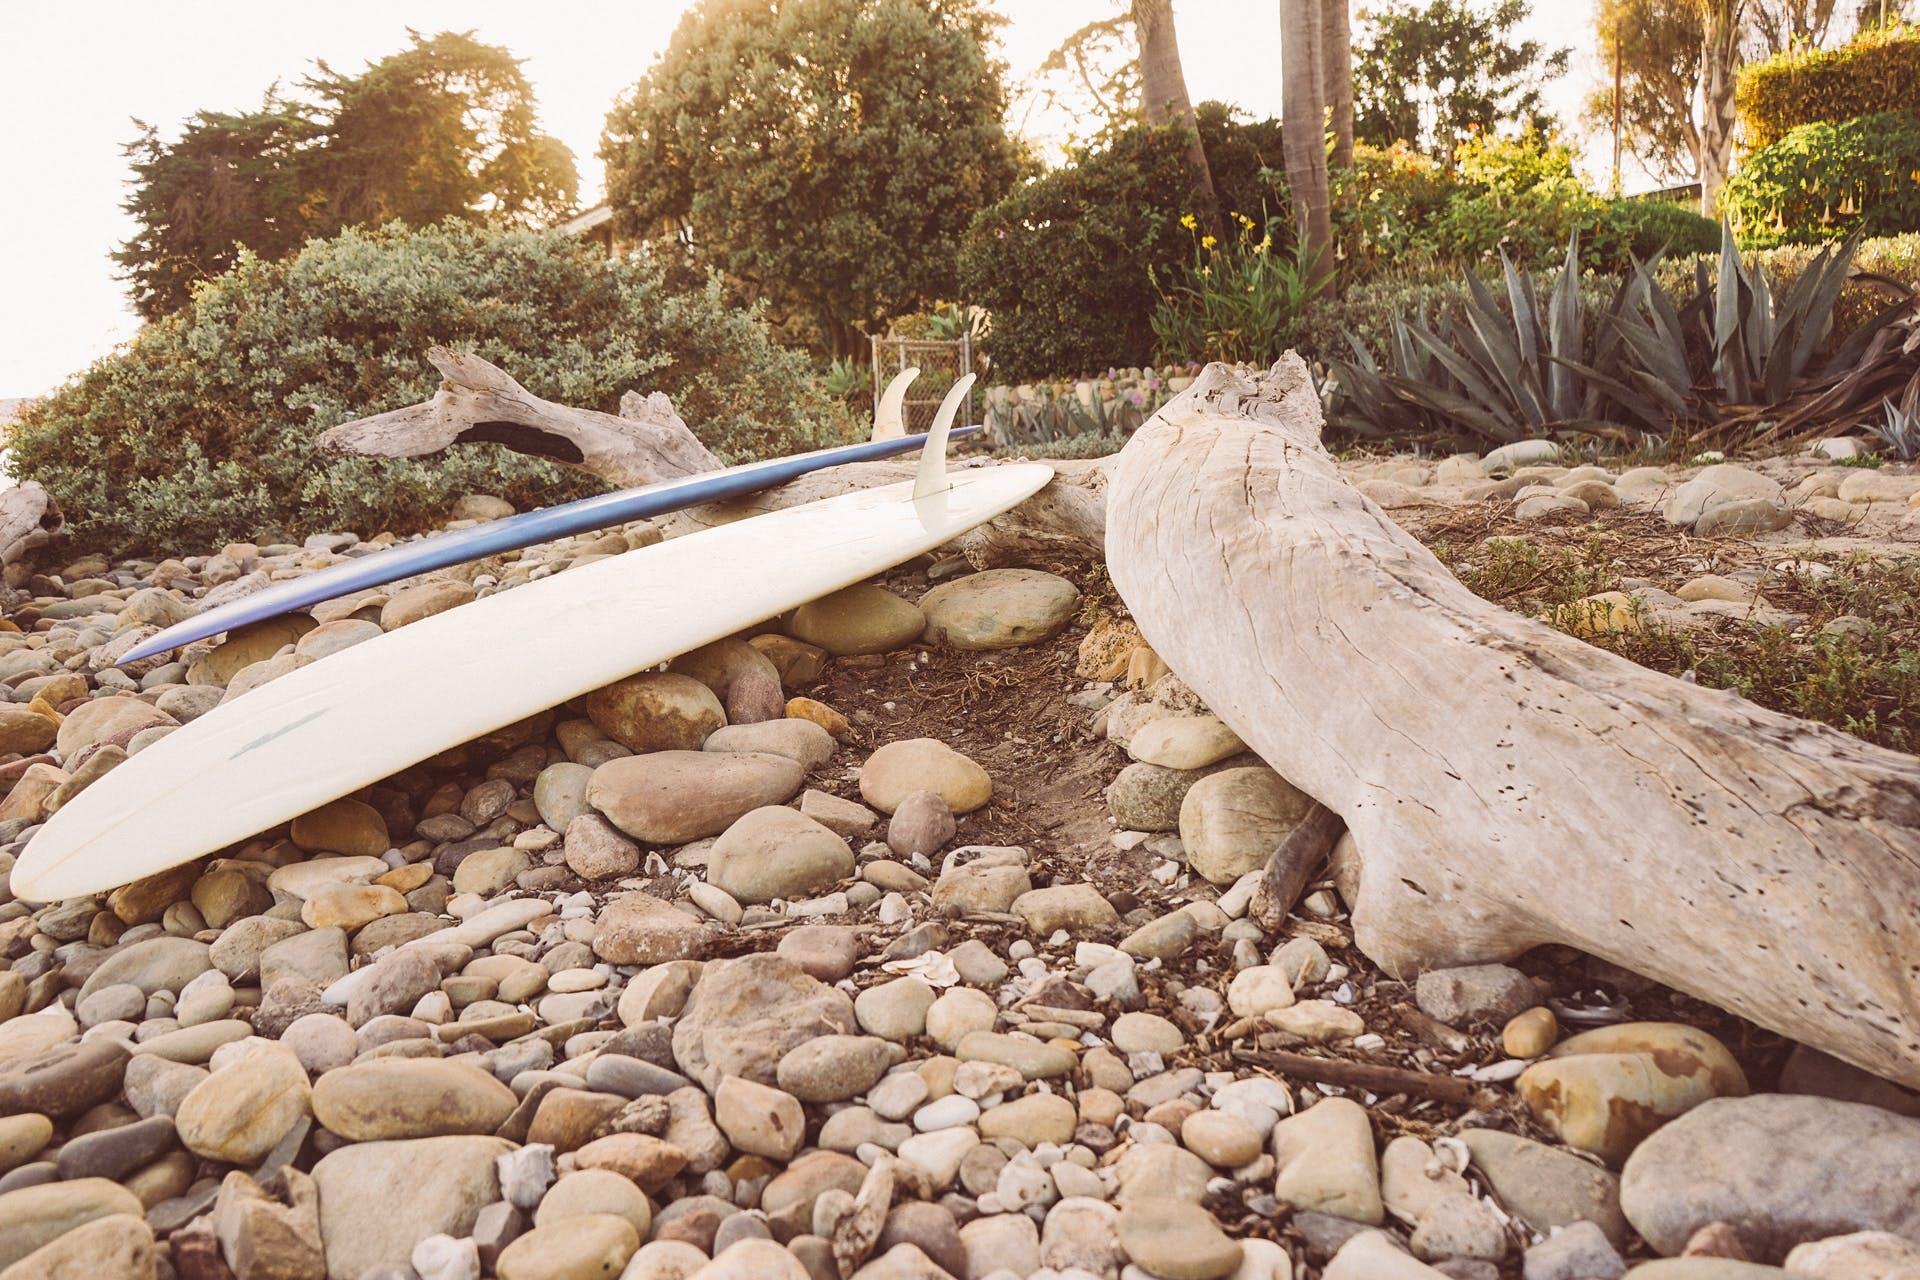 Brown Surfboard Near Log